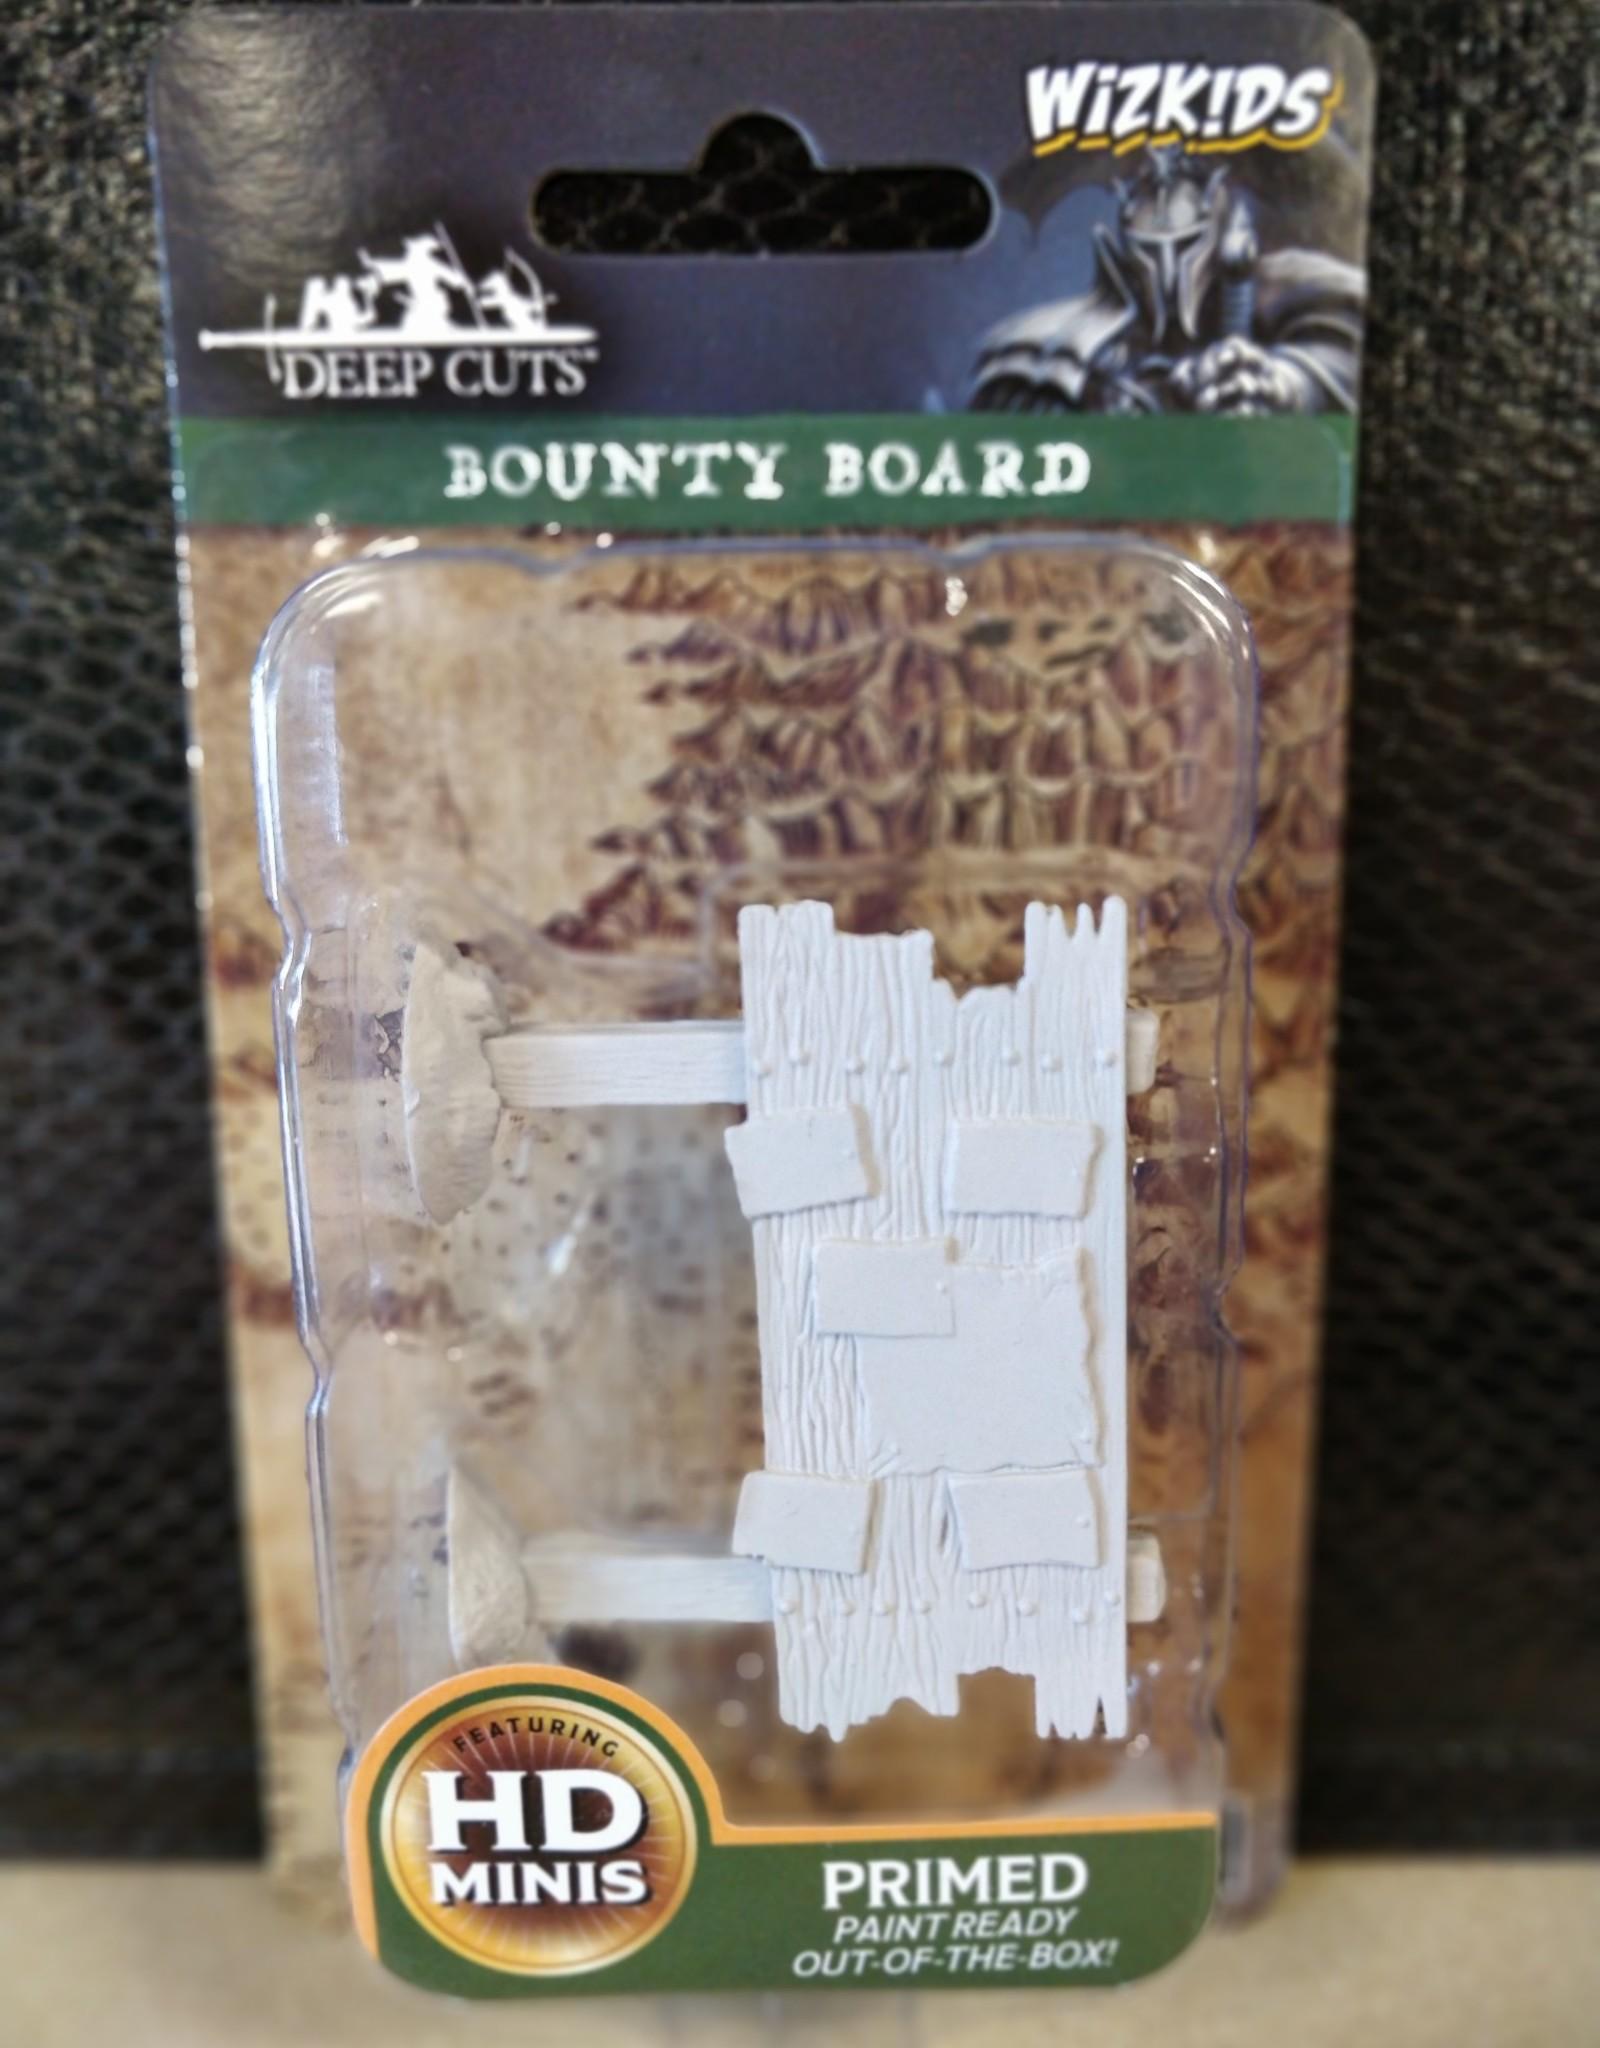 Wizkids WizKids Deep Cuts Unpainted Miniatures: W10 Bounty Board